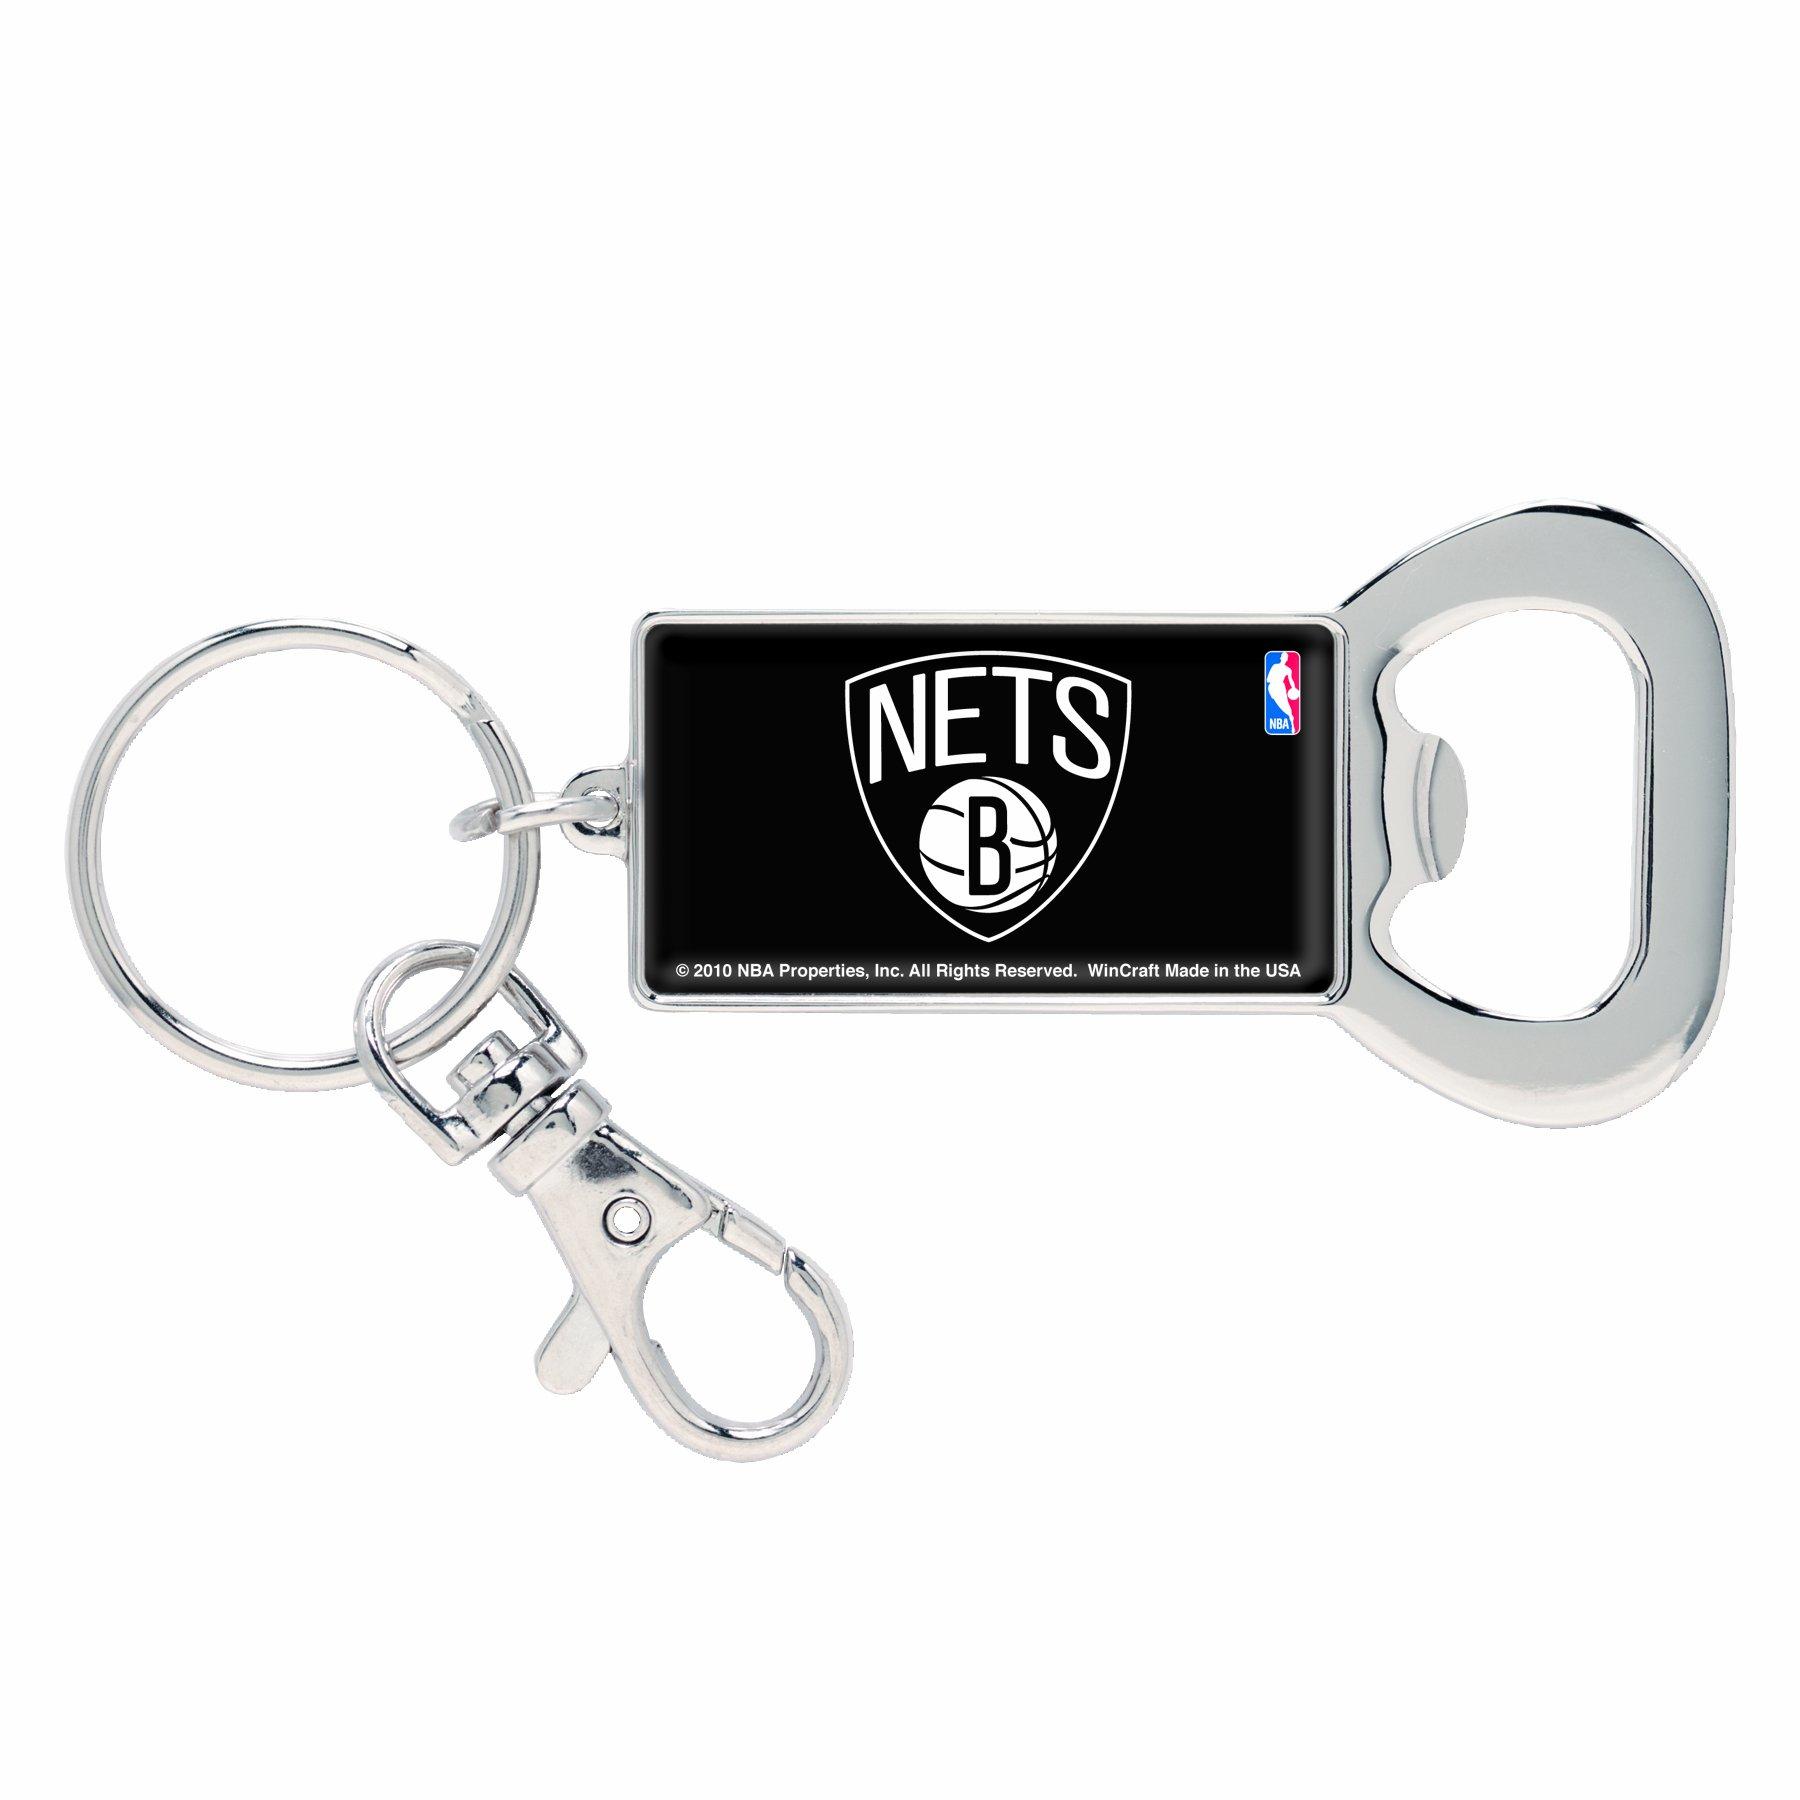 NBA Brooklyn Nets Bottle Opener Key Ring by WinCraft